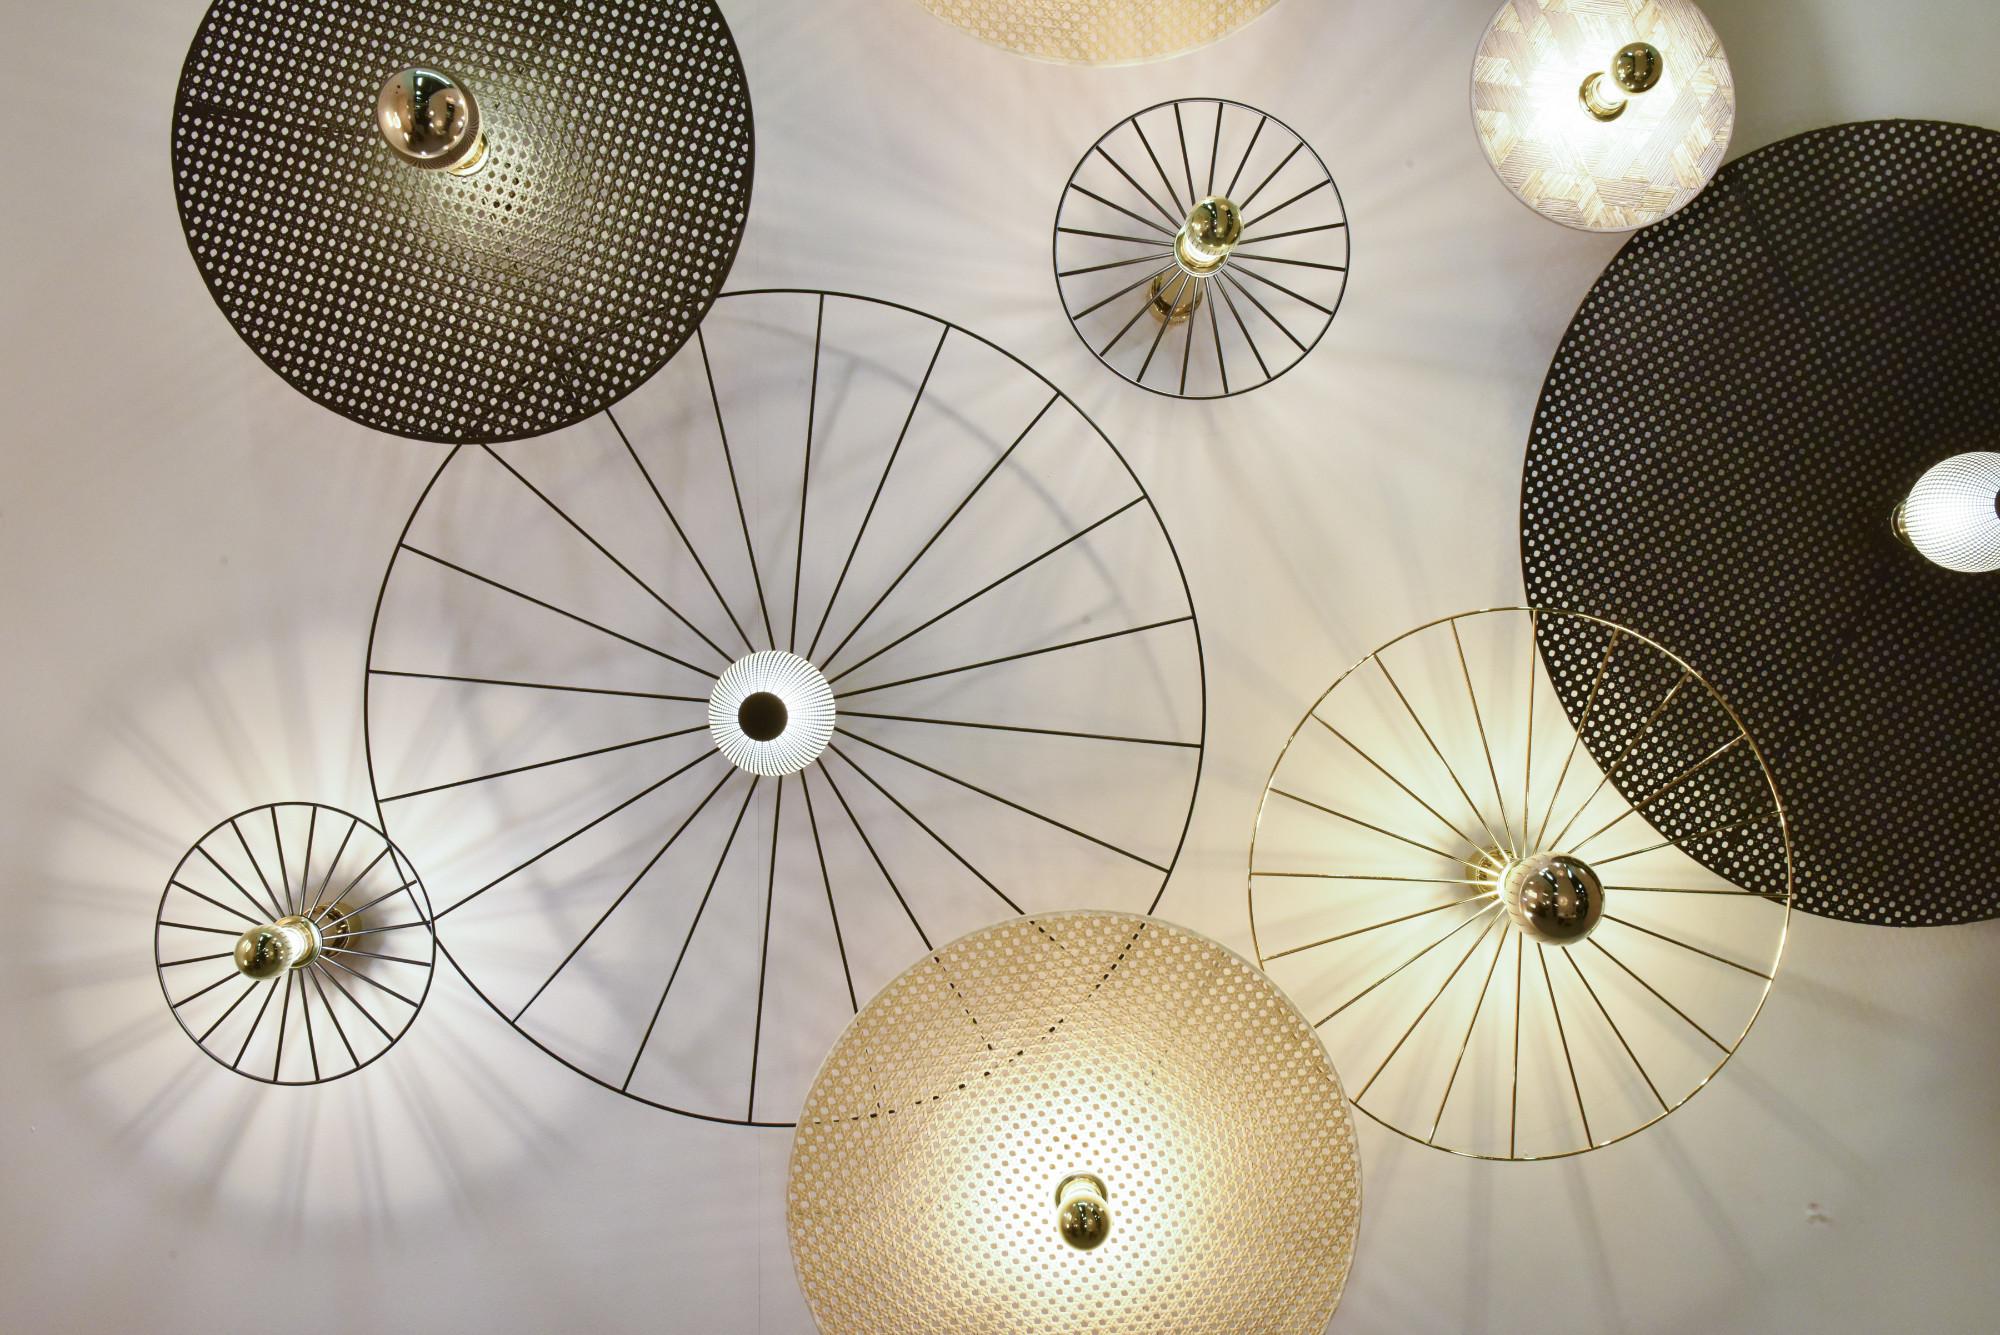 Foto: Koelnmesse GmbH / immcologne / Thomas Klerx